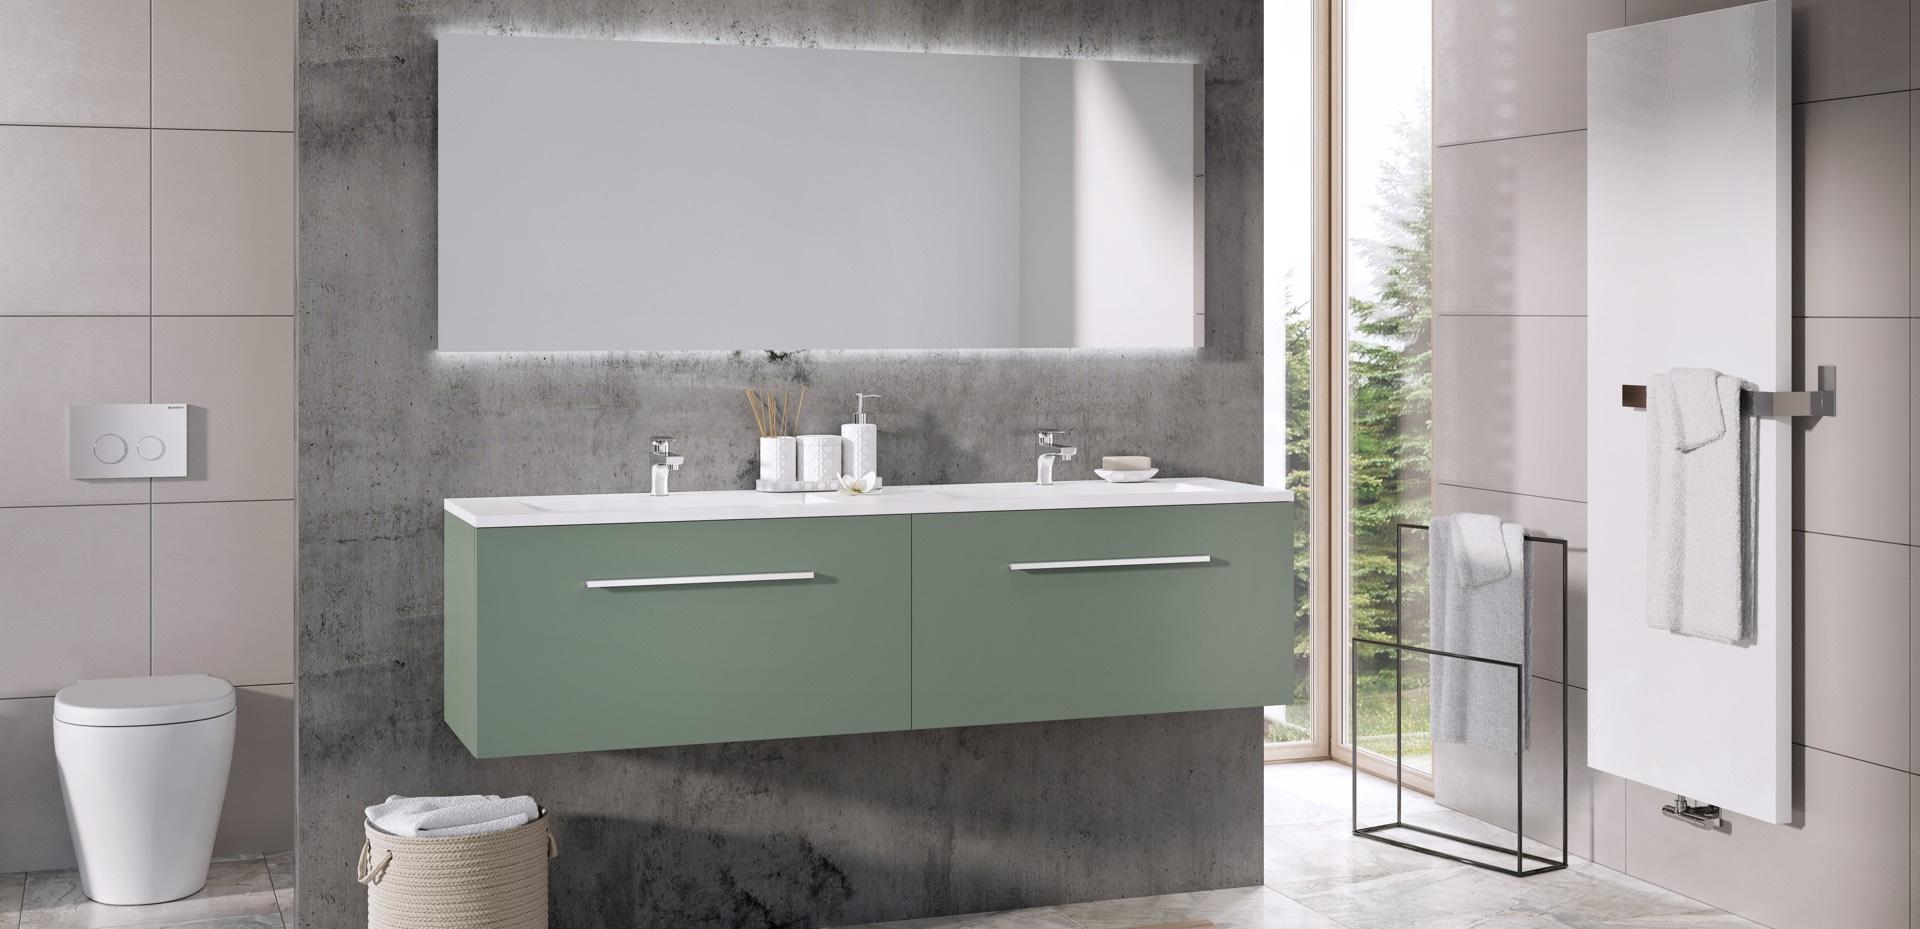 Matrix-groen-mat-met-greep-ST15-wastafel-Thin-wit-mat-mijn-bad-in-stijl